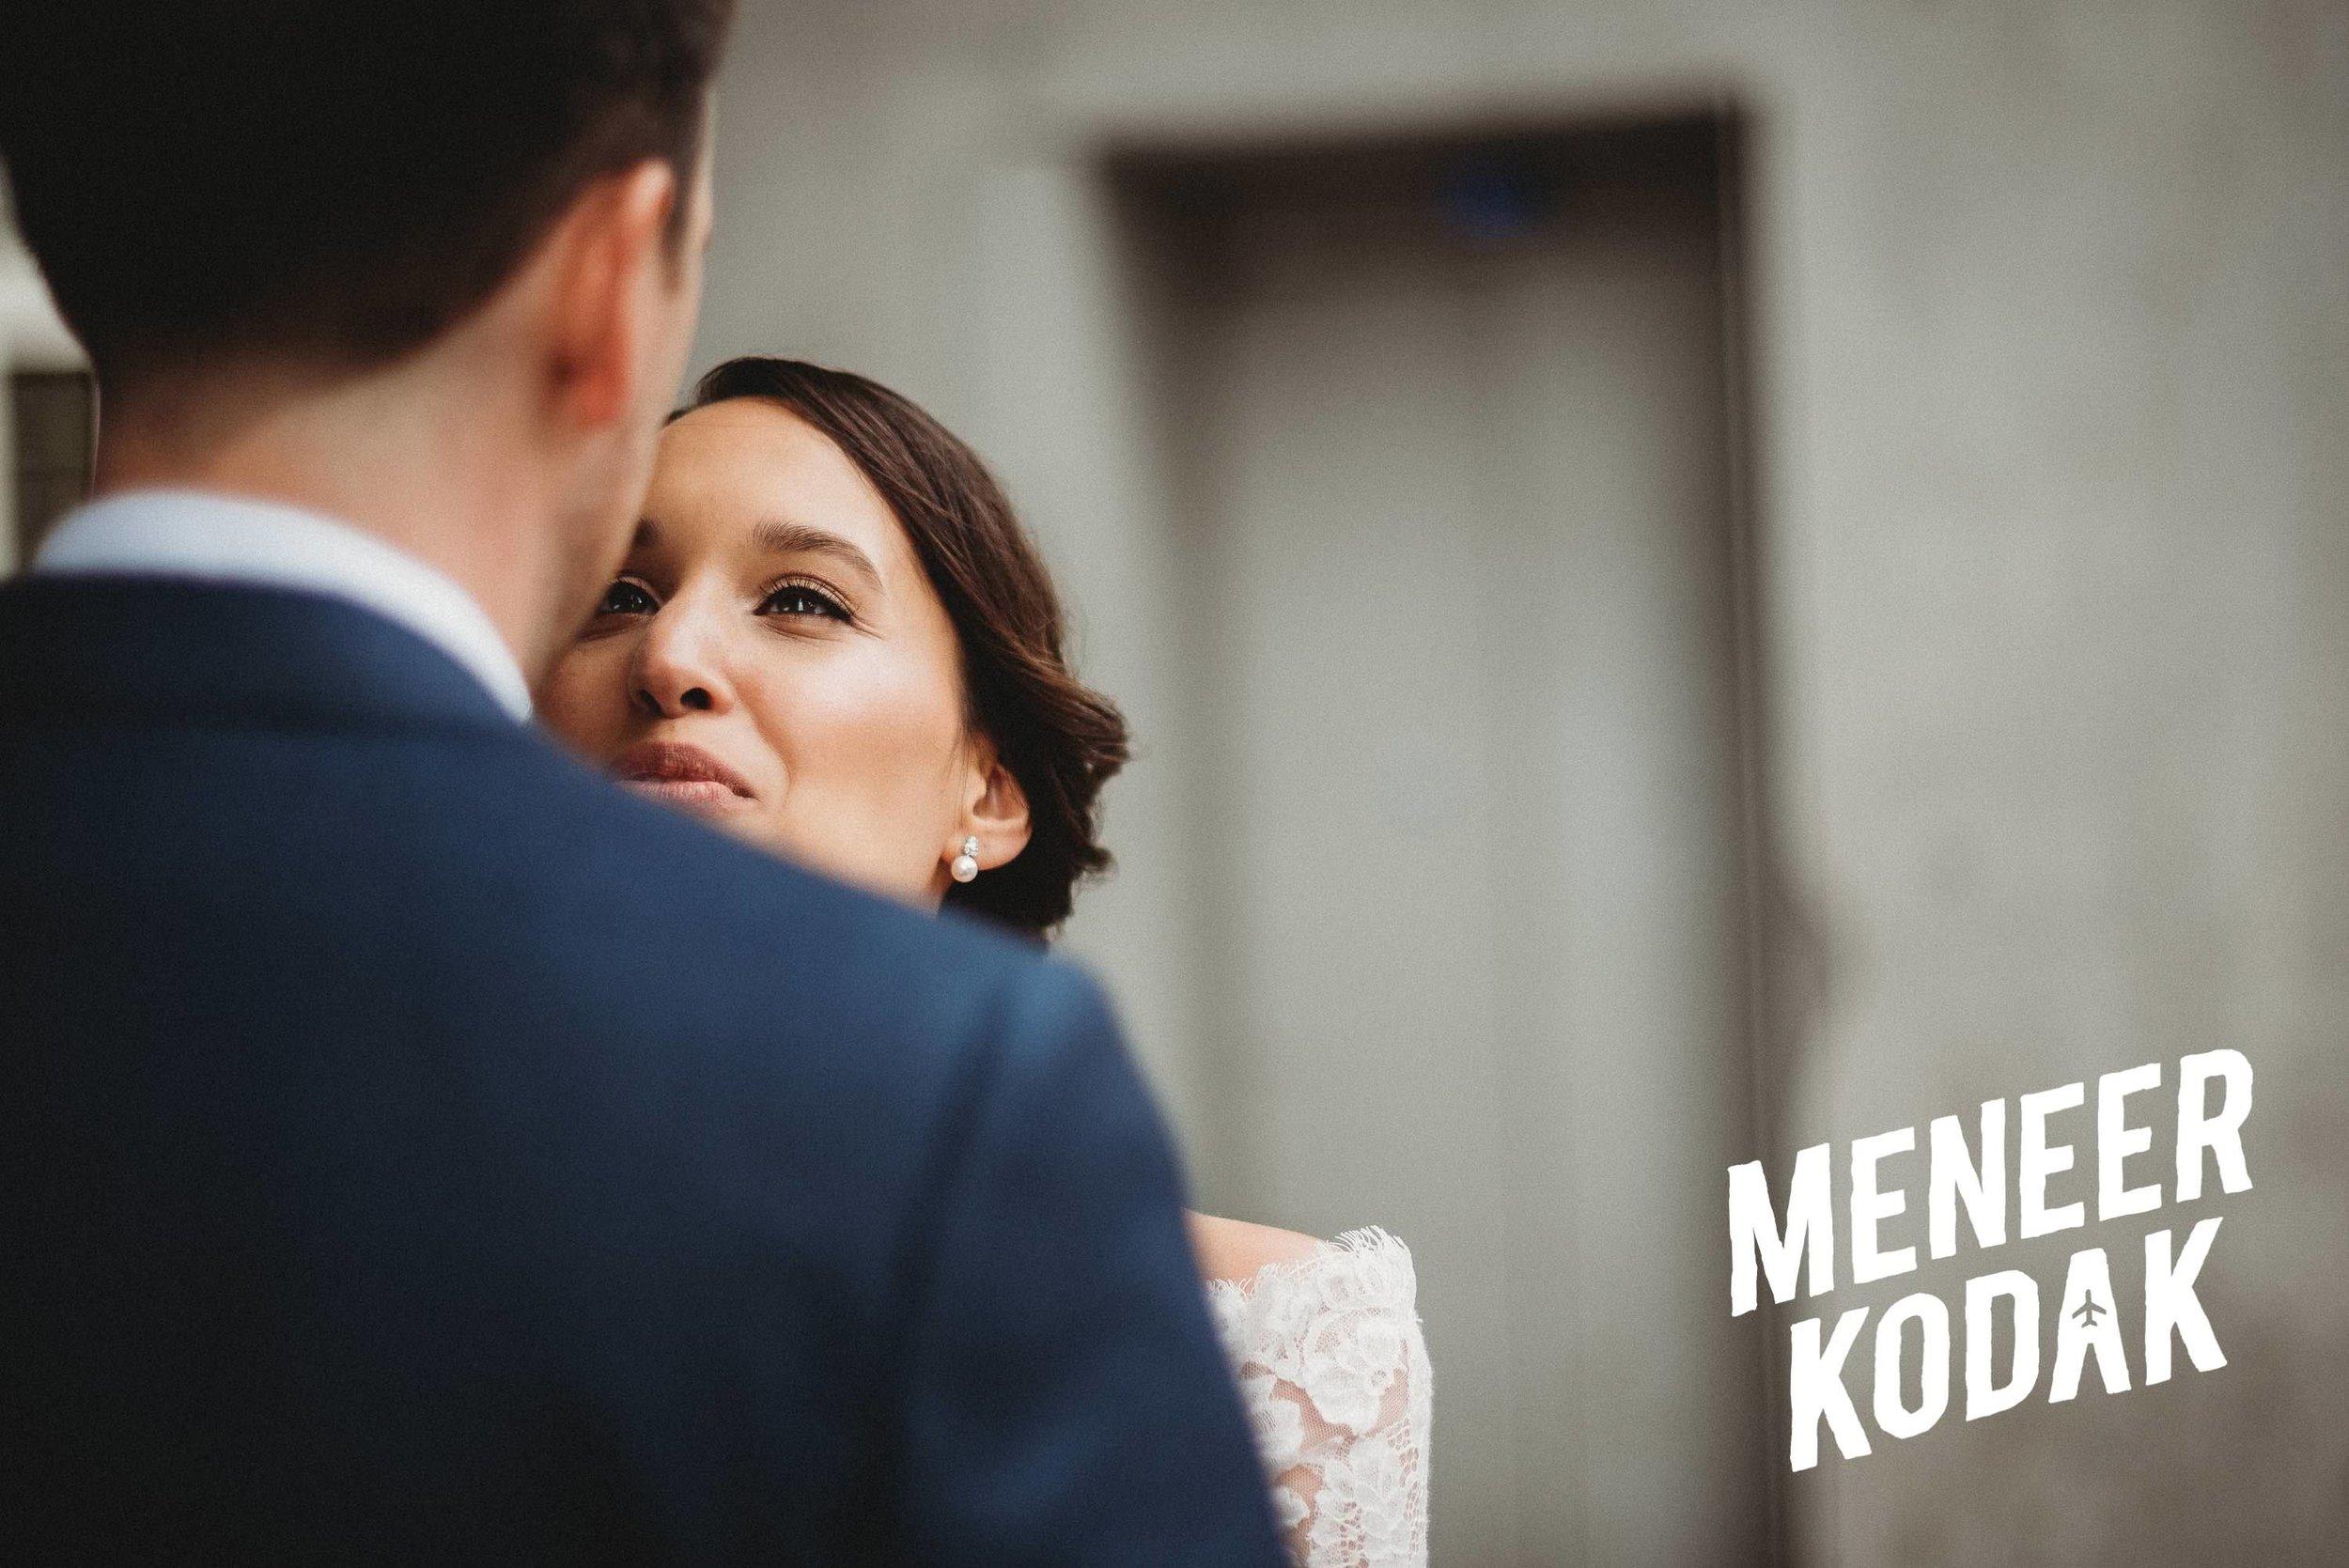 Meneer Kodak - Trouwfotograaf - Gent - D&T-030.jpg